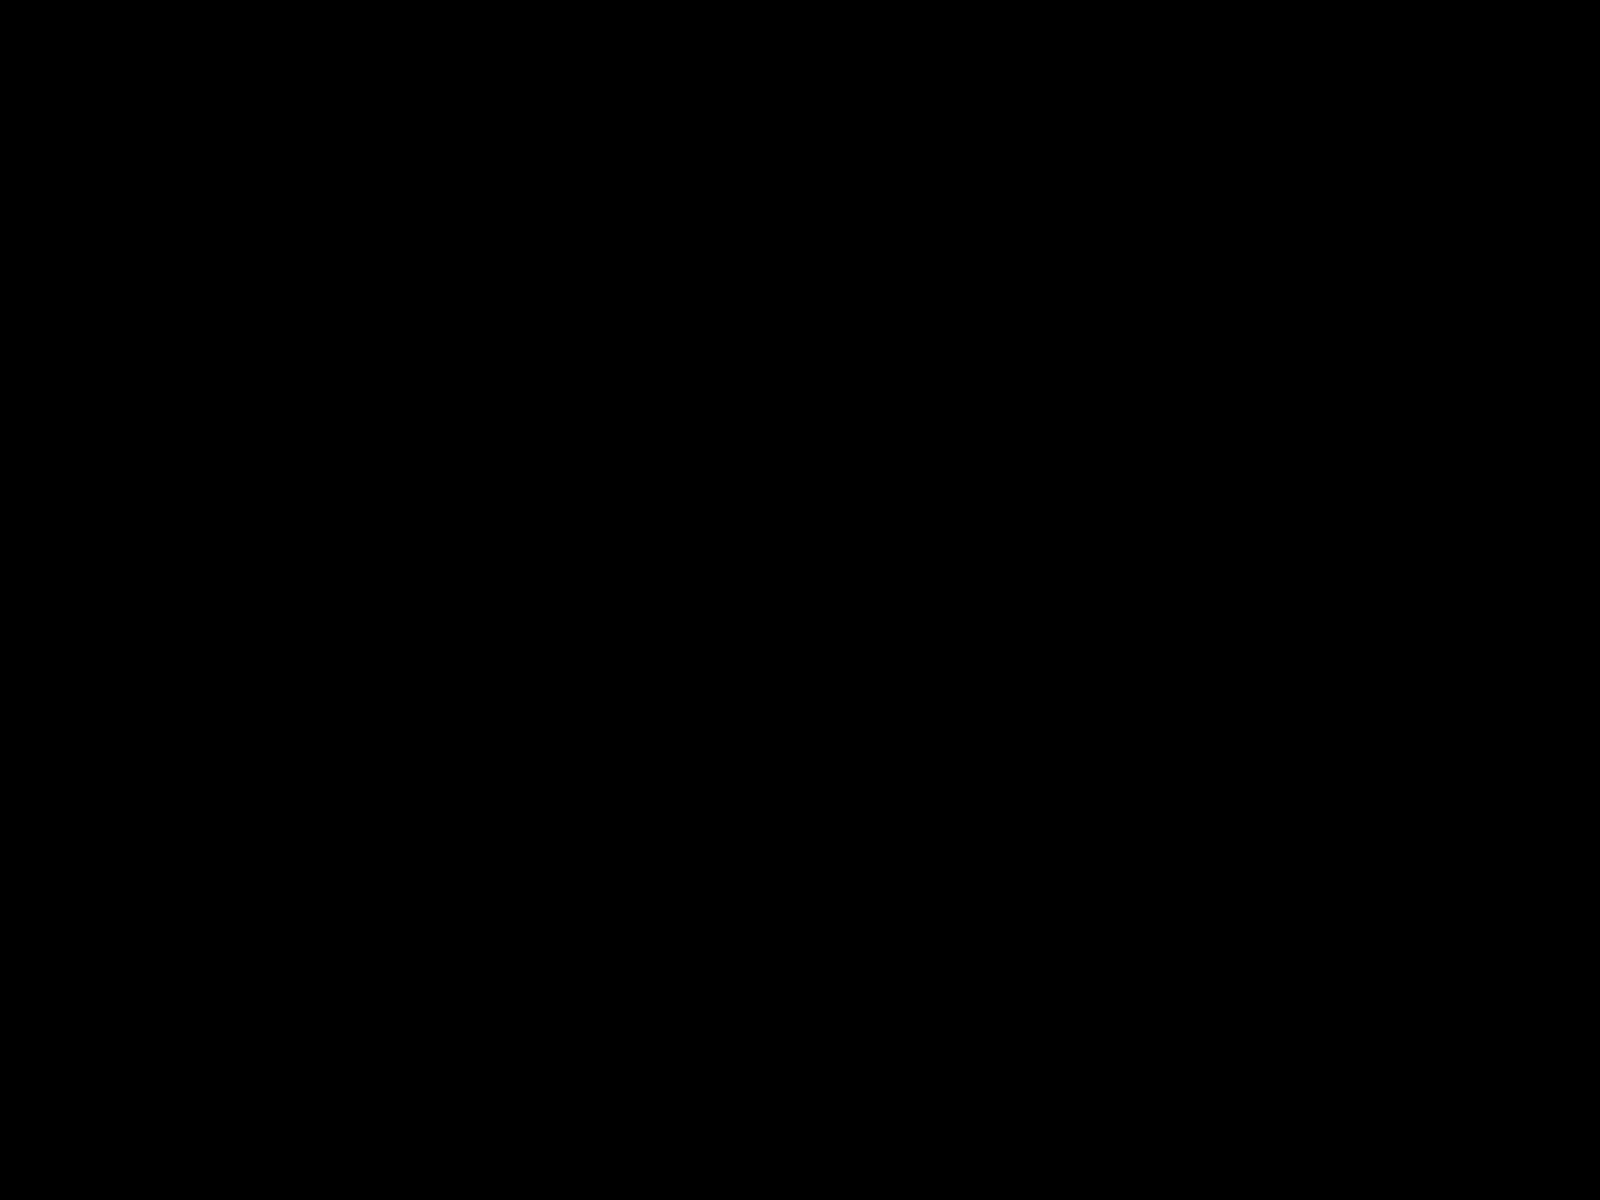 vector gunungan wayang cdr amp png hd gudril logo tempat